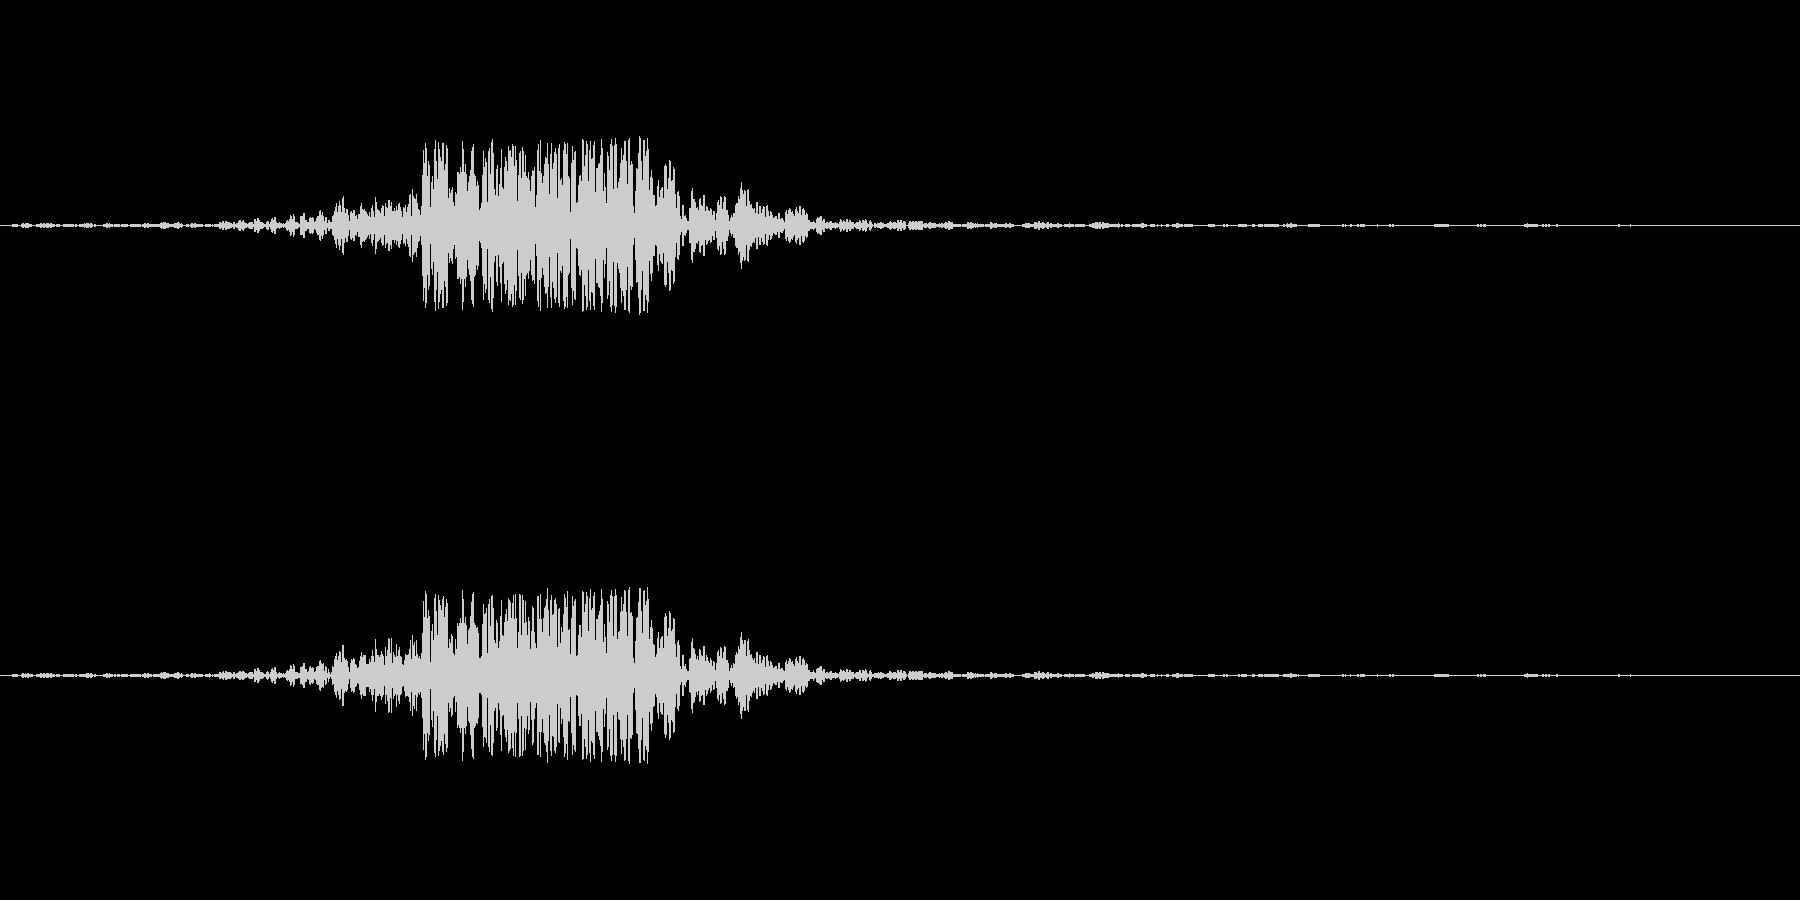 映画の効果音 その3の未再生の波形